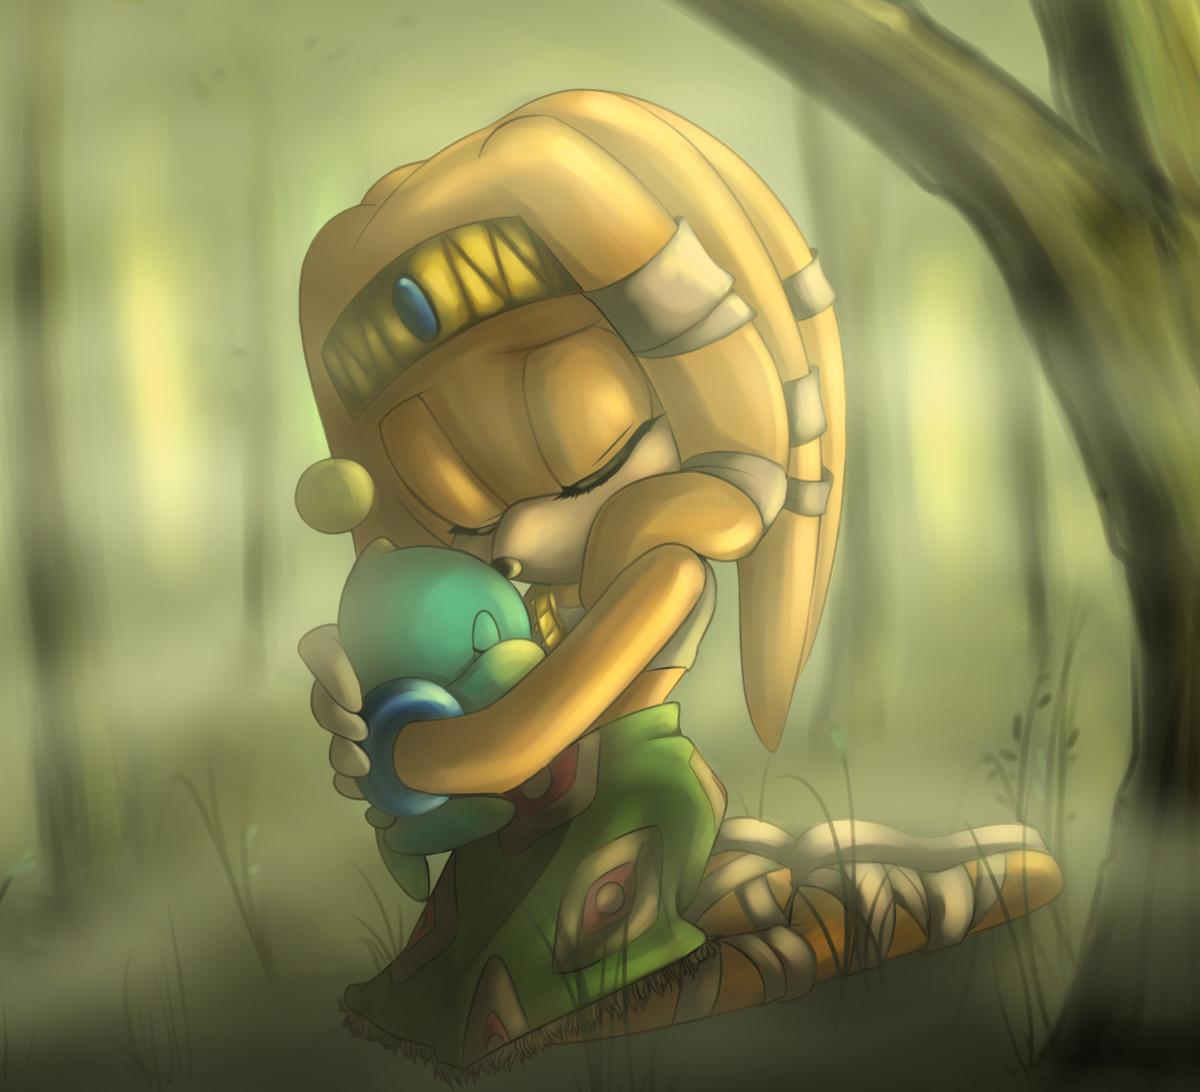 Tikal holds a Chao